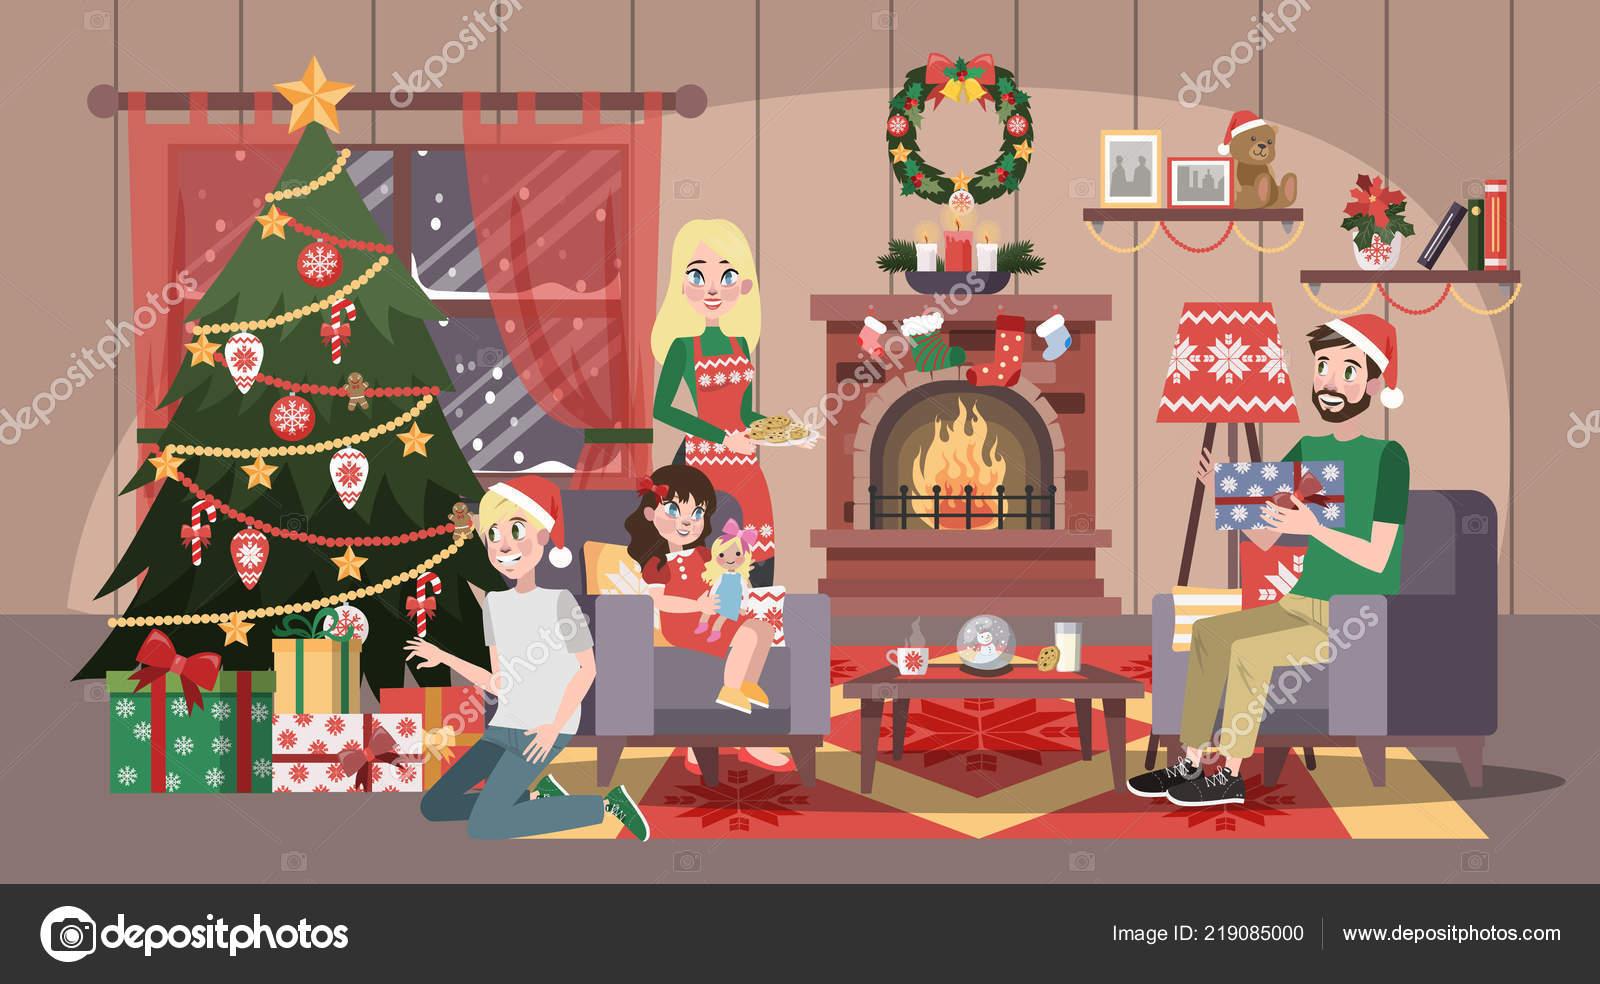 Christmas Celebration Cartoon Images.Happy Family Have Fun On The Christmas Celebration Stock